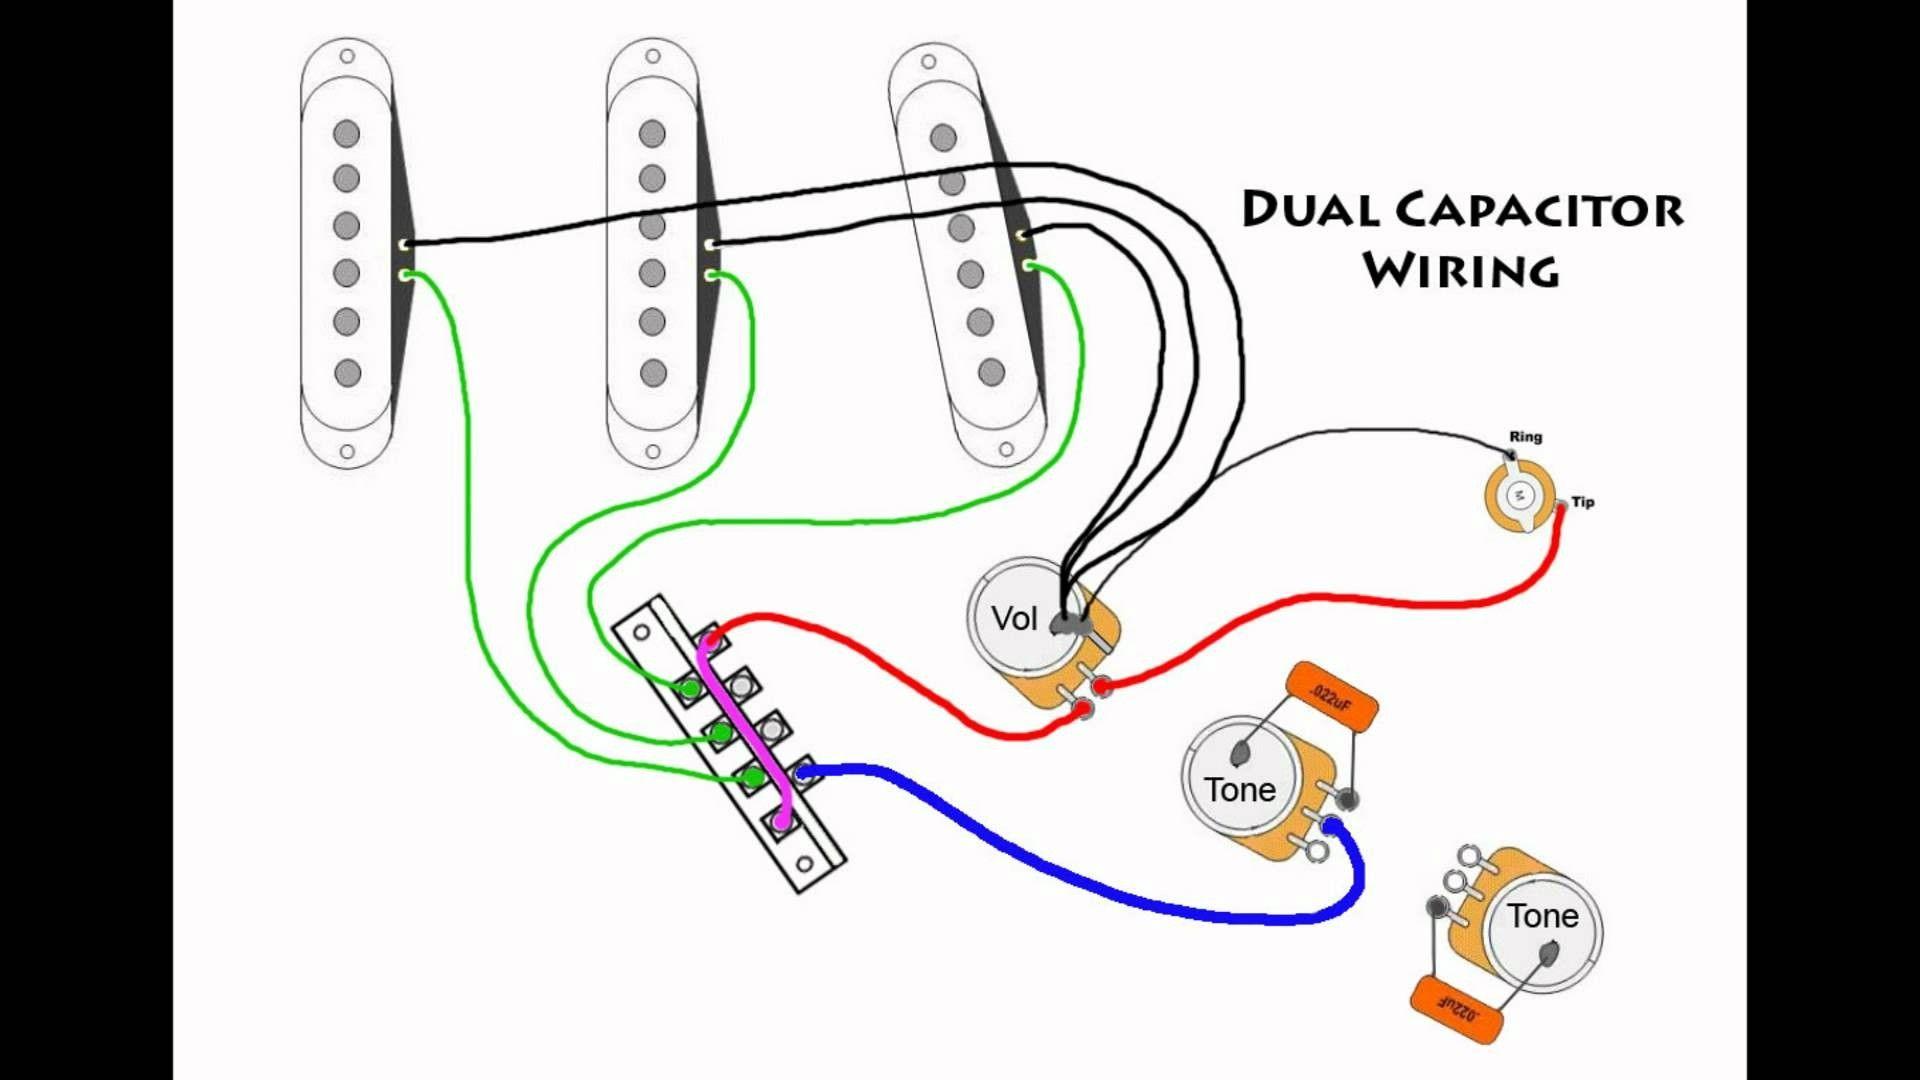 Unique Wiring Diagram Stratocaster Guitar Diagram Diagramsample Diagramtemplate Wiringdiagram Diagramchart Worksheet Wor Stratocaster Guitar Guitar Wire